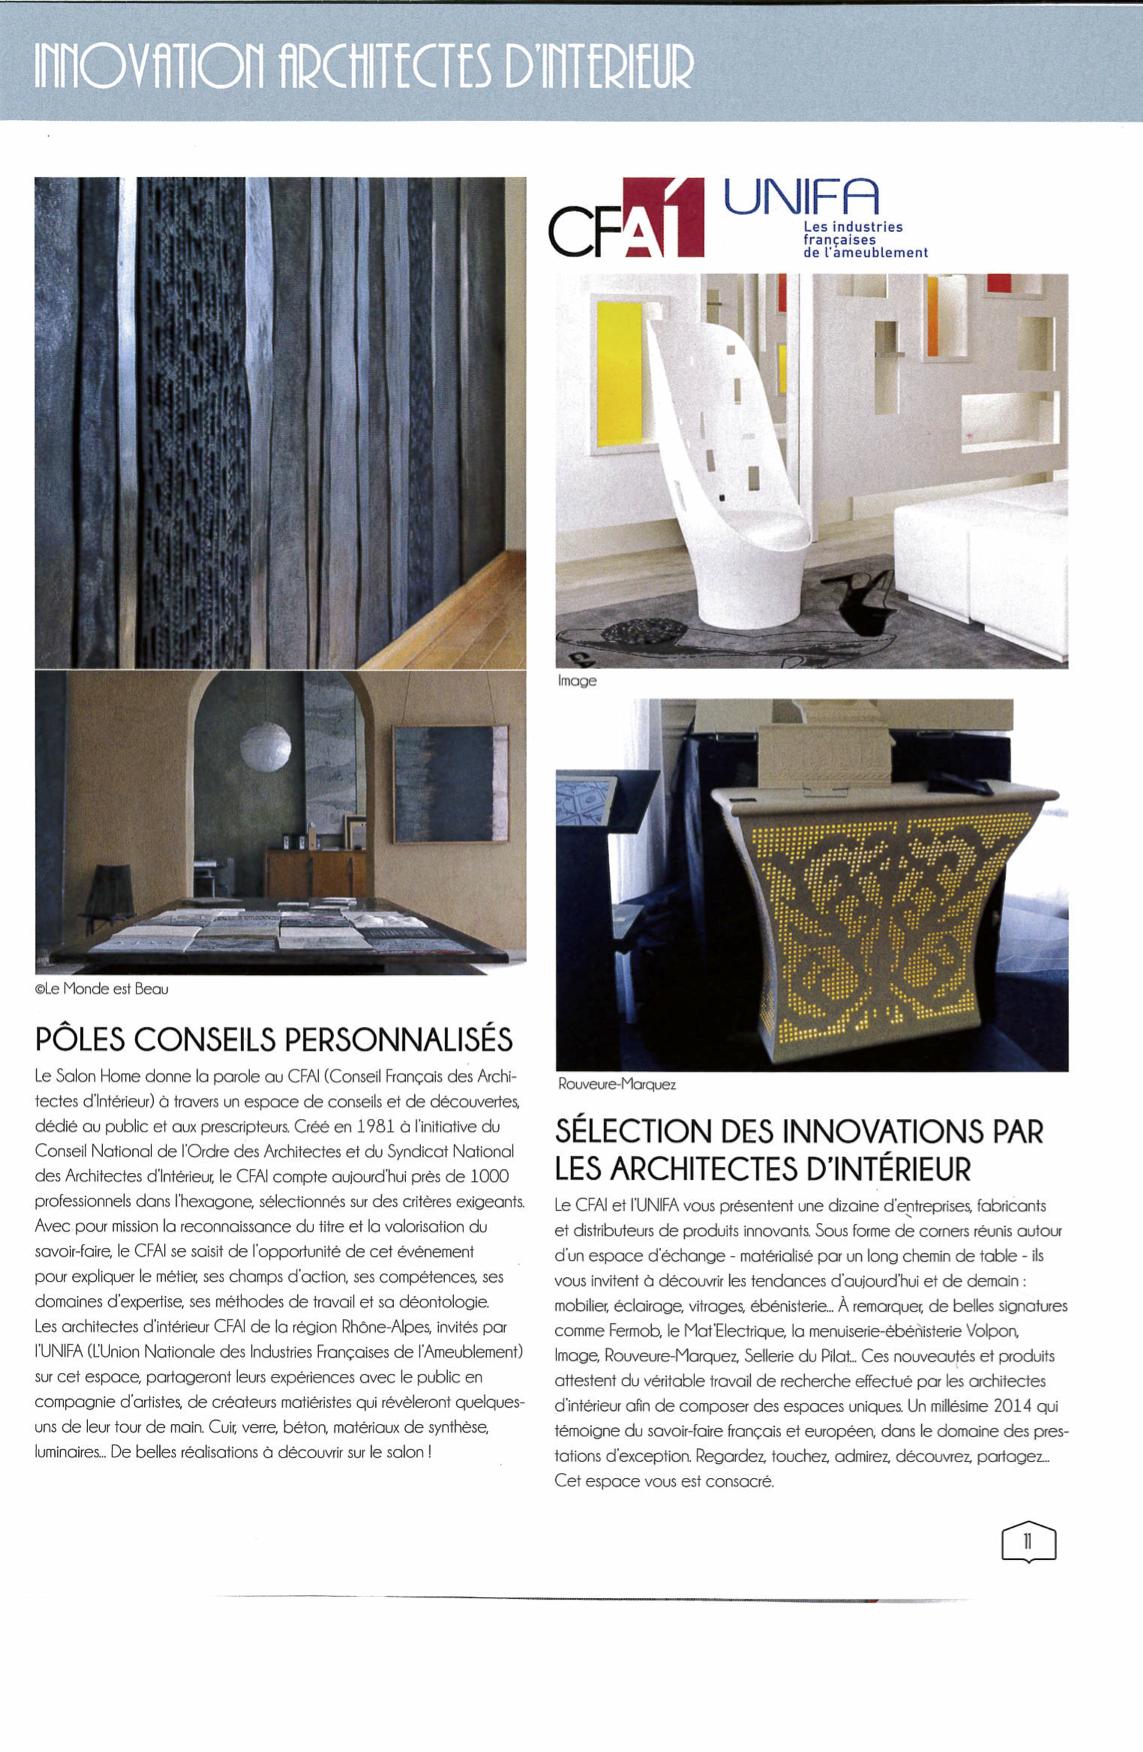 Architecte D Intérieur Cfai salon home – pôle architecte d'interieur   le monde est beau